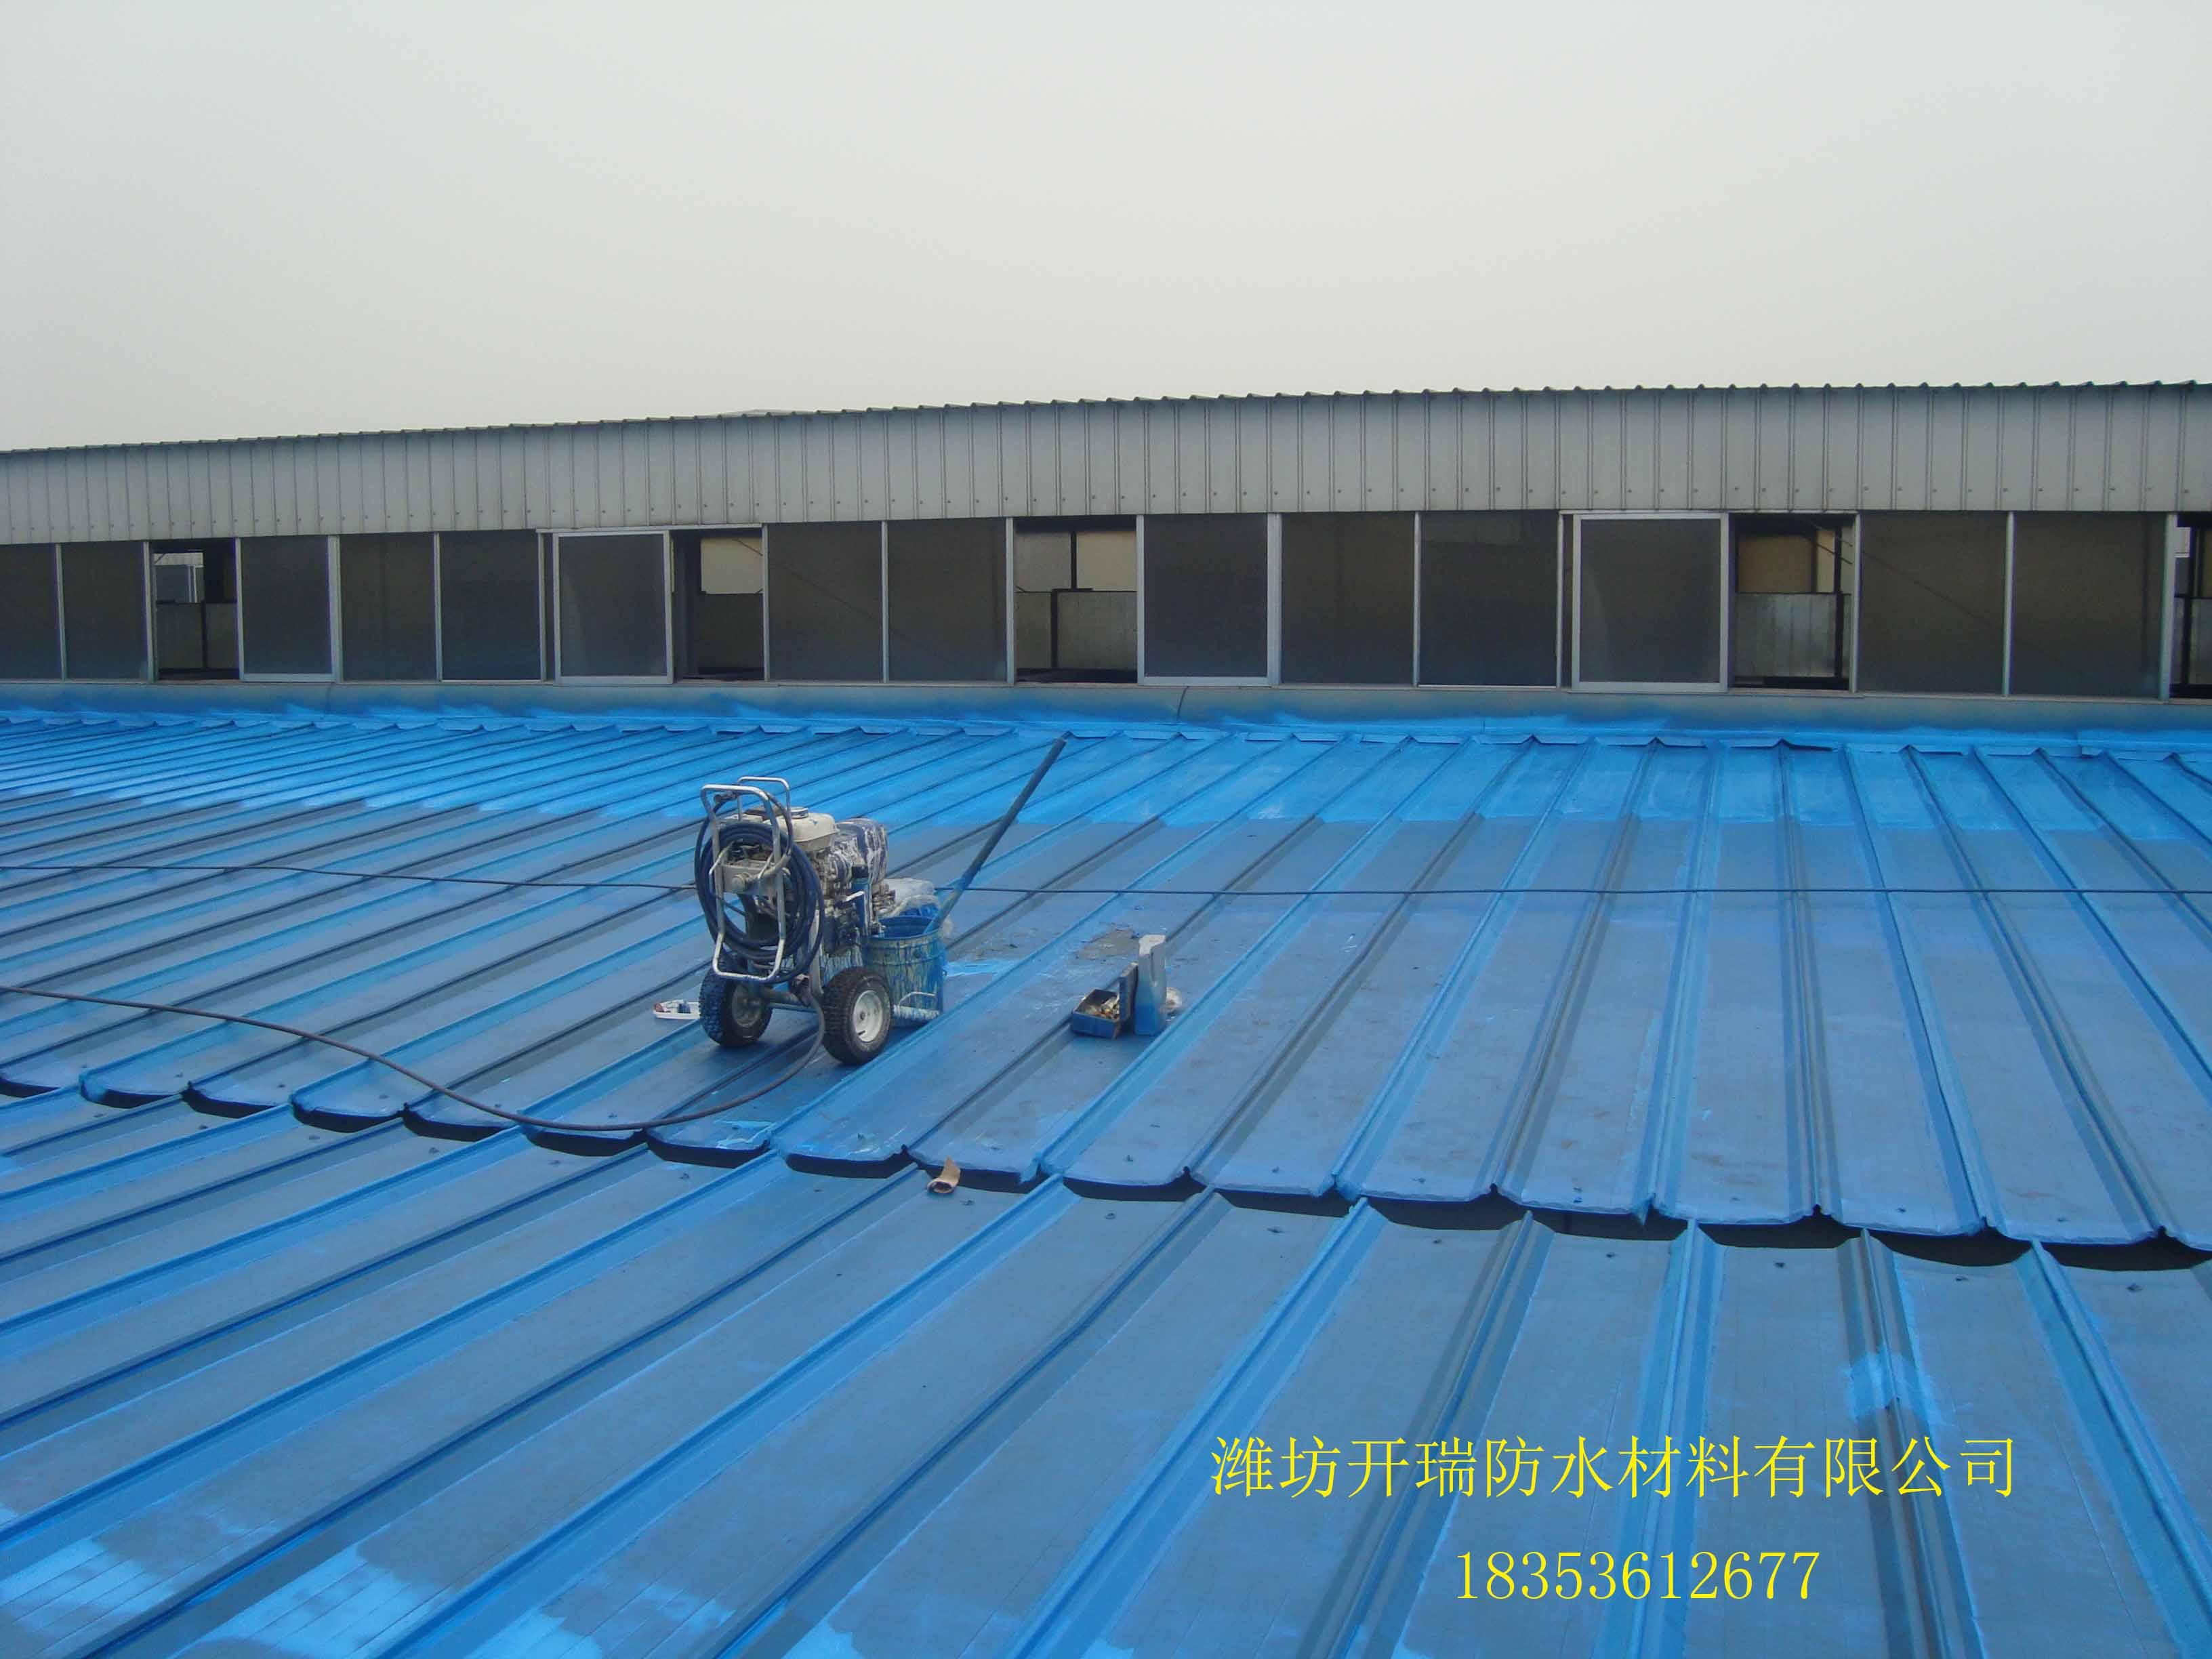 开瑞牌彩钢瓦专用防水涂料,杭州钢结构防水材料价格,硅橡胶防水涂料